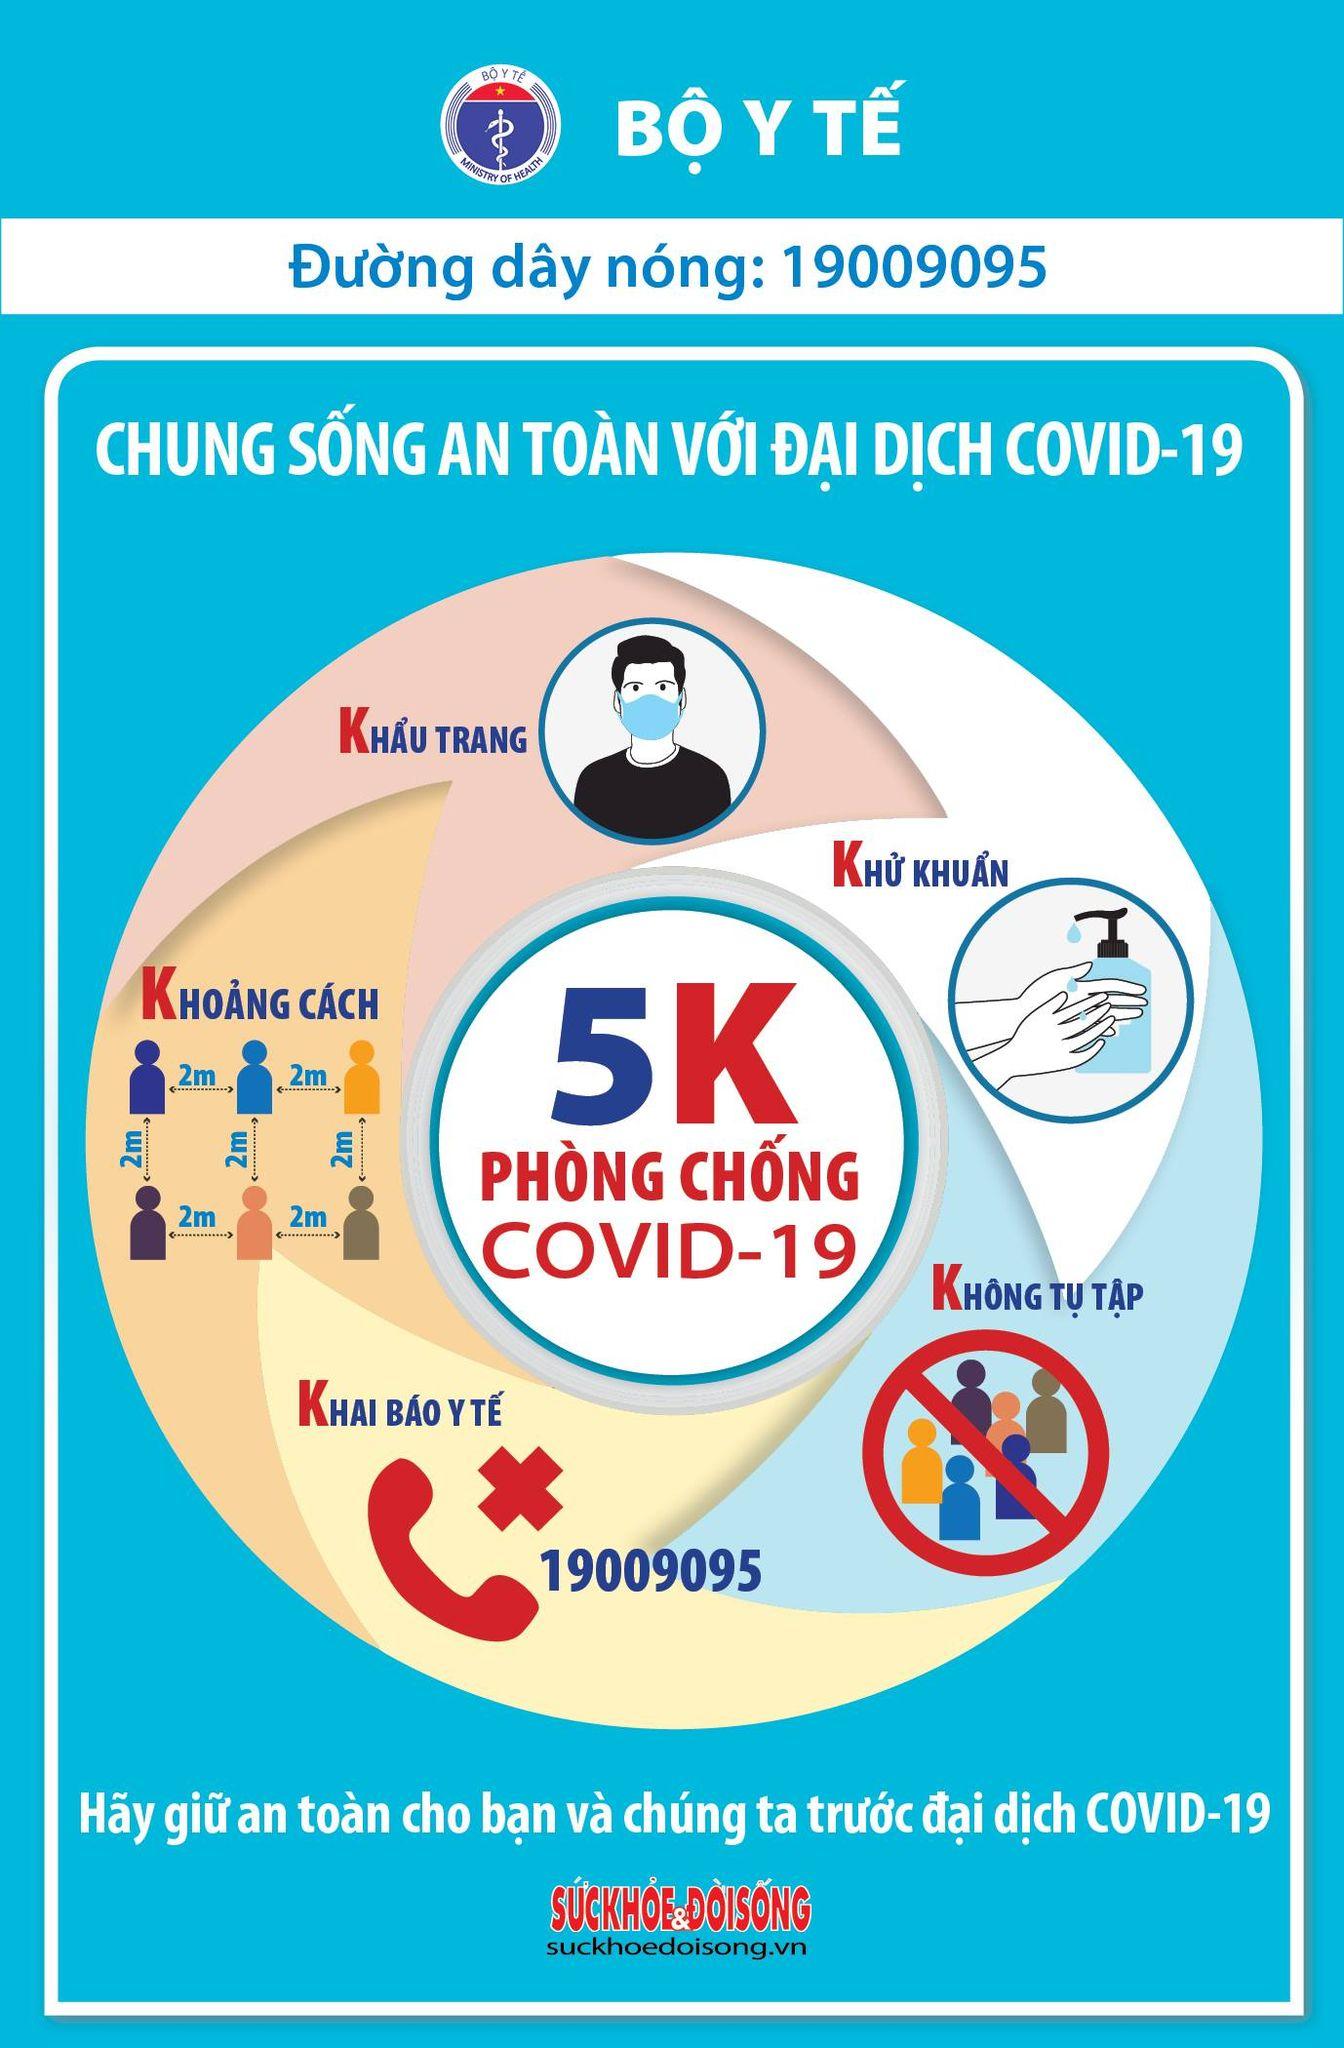 Chiều 24/3, không có ca ca mắc COVID-19, Việt Nam chữa khỏi 2.265 bệnh nhân - Ảnh 2.